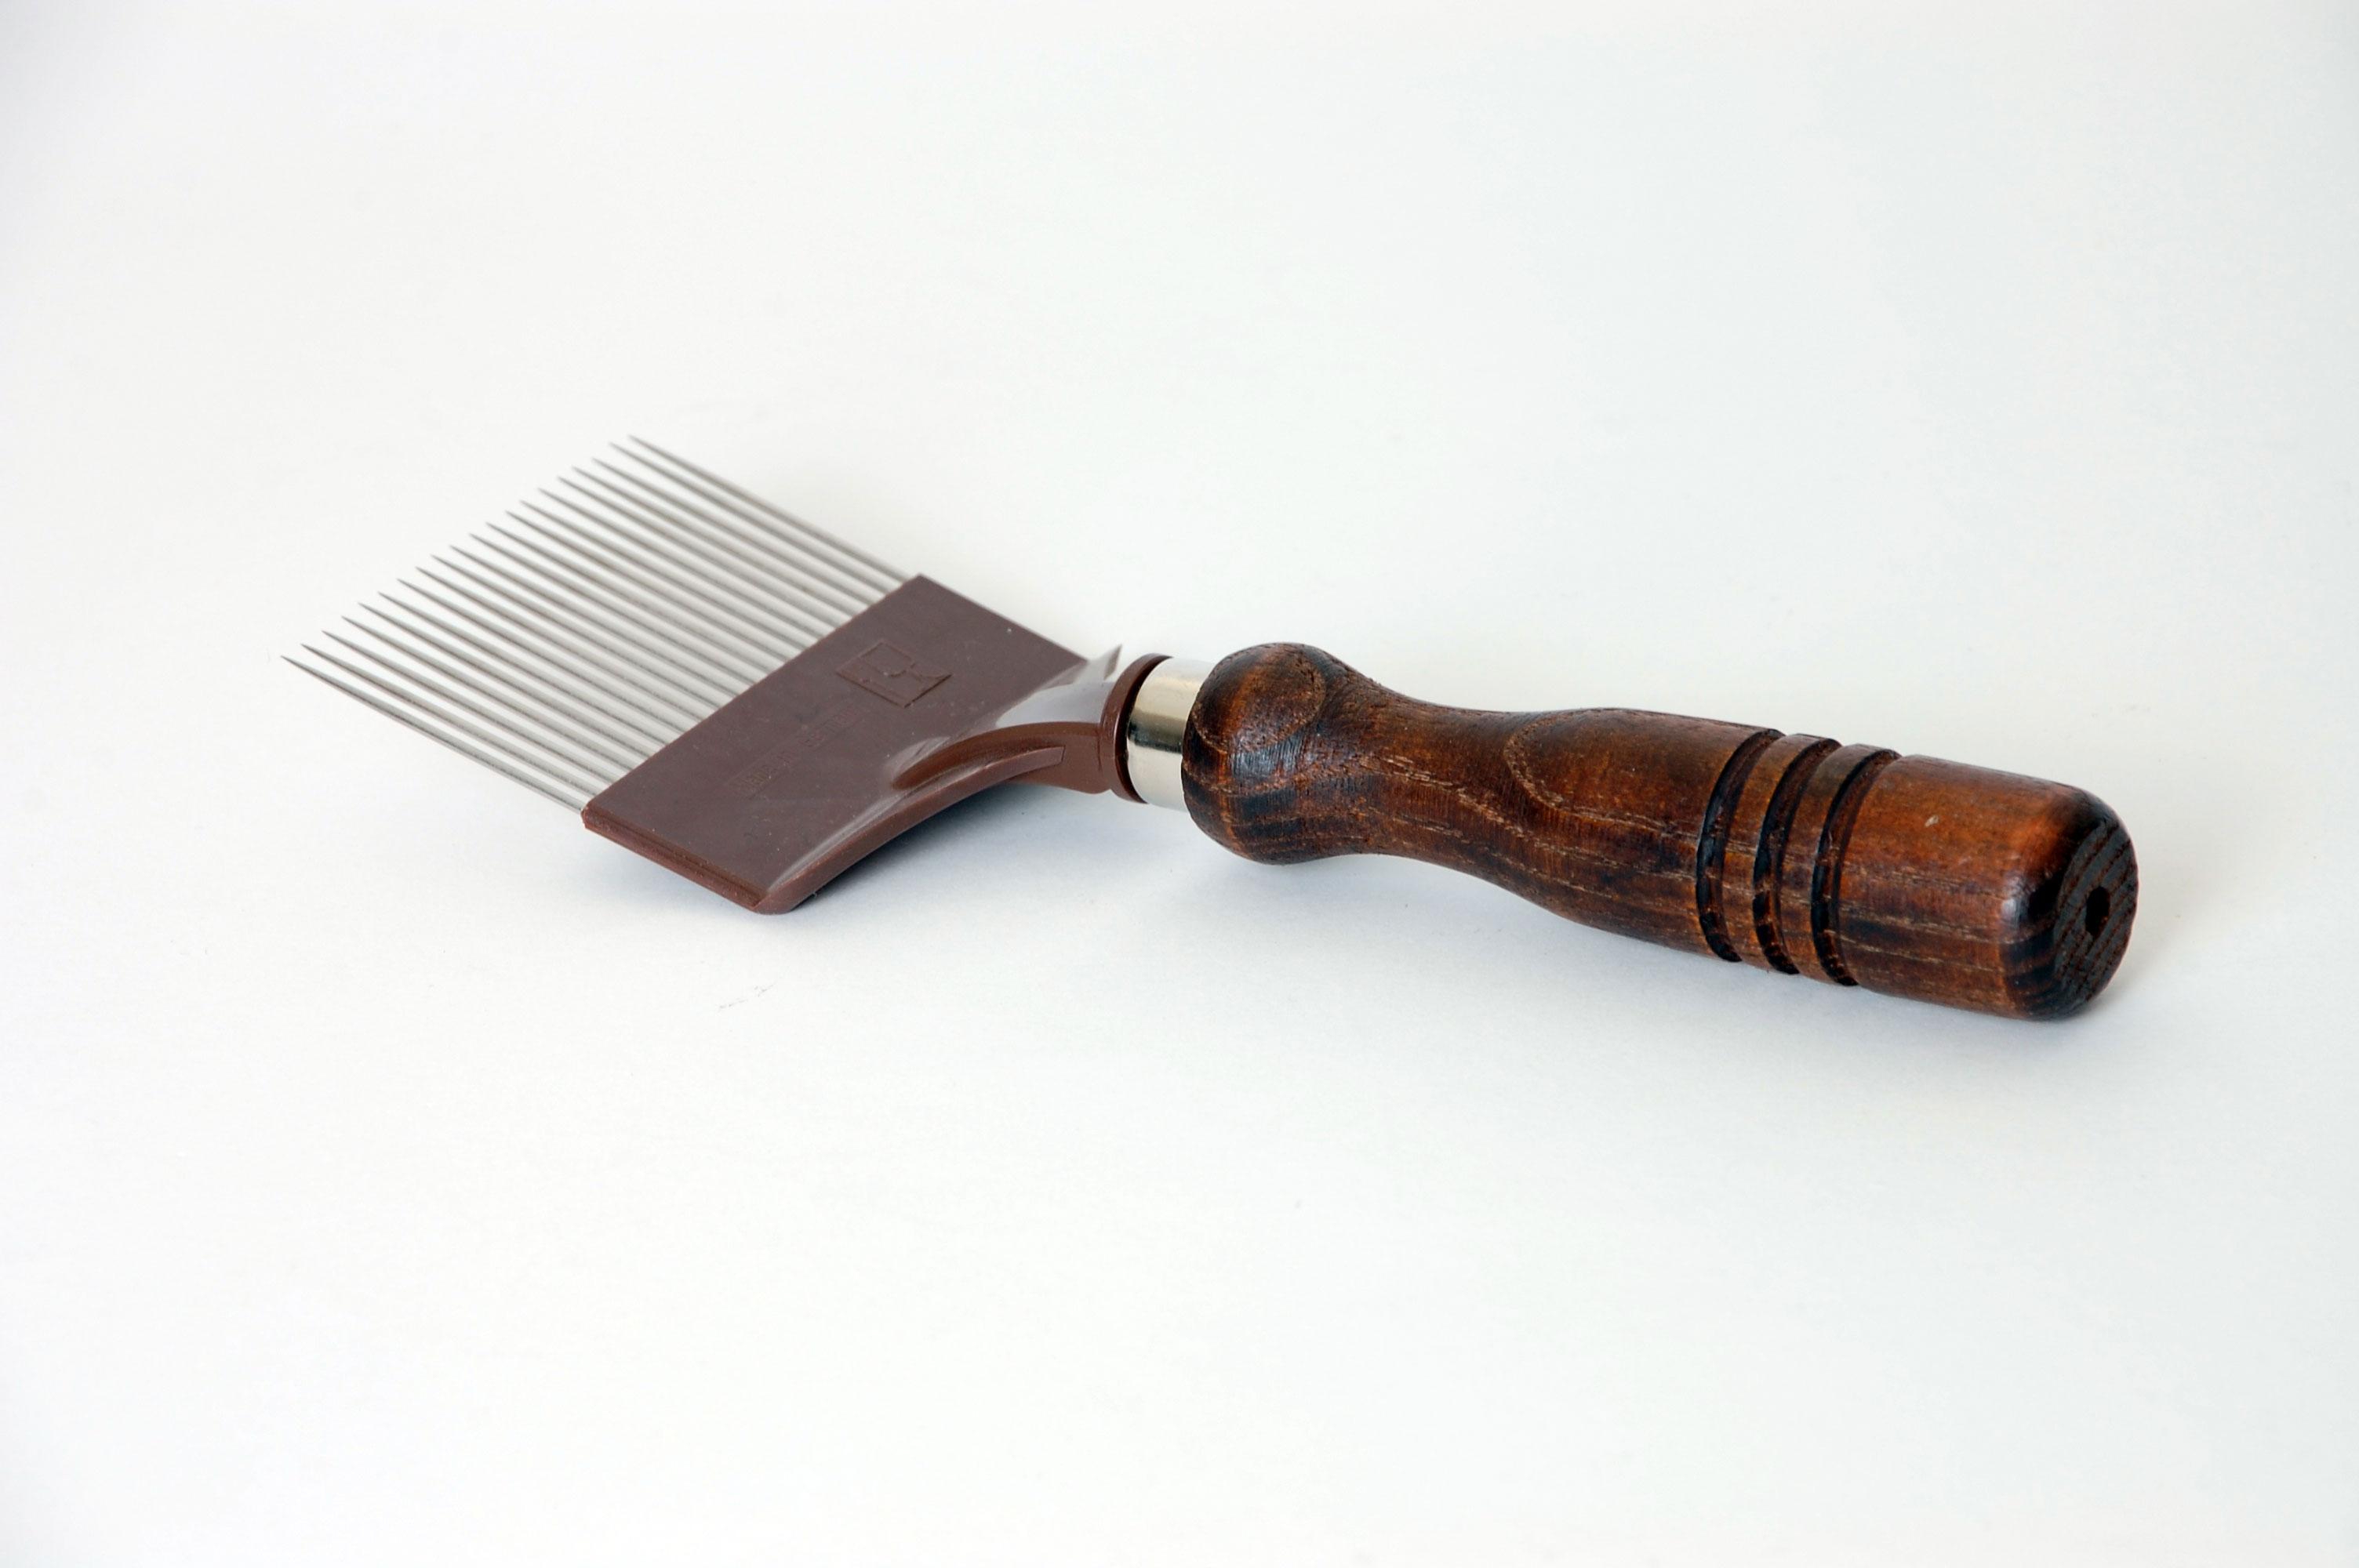 Entdecklungsgabel mit Holzgriff und gerden edelstahl Nadeln